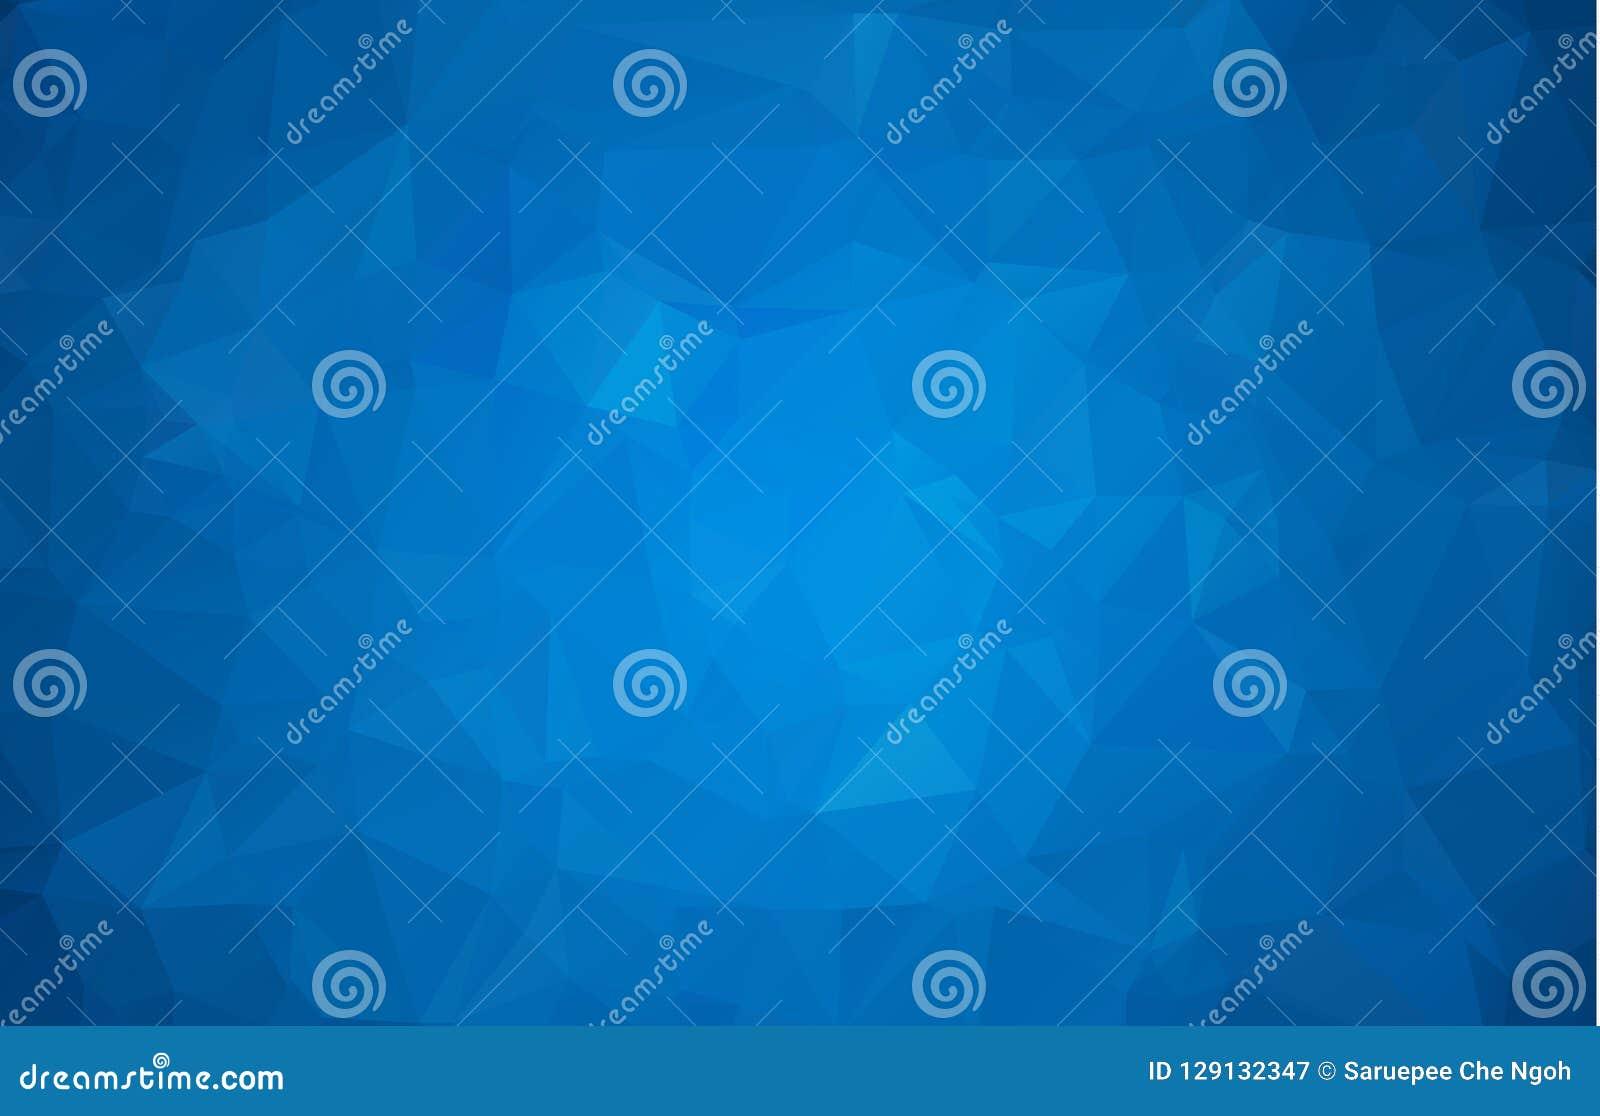 Fondo polivinílico bajo triangular desgreñado geométrico azul marino multicolor abstracto del gráfico del ejemplo de la pendiente